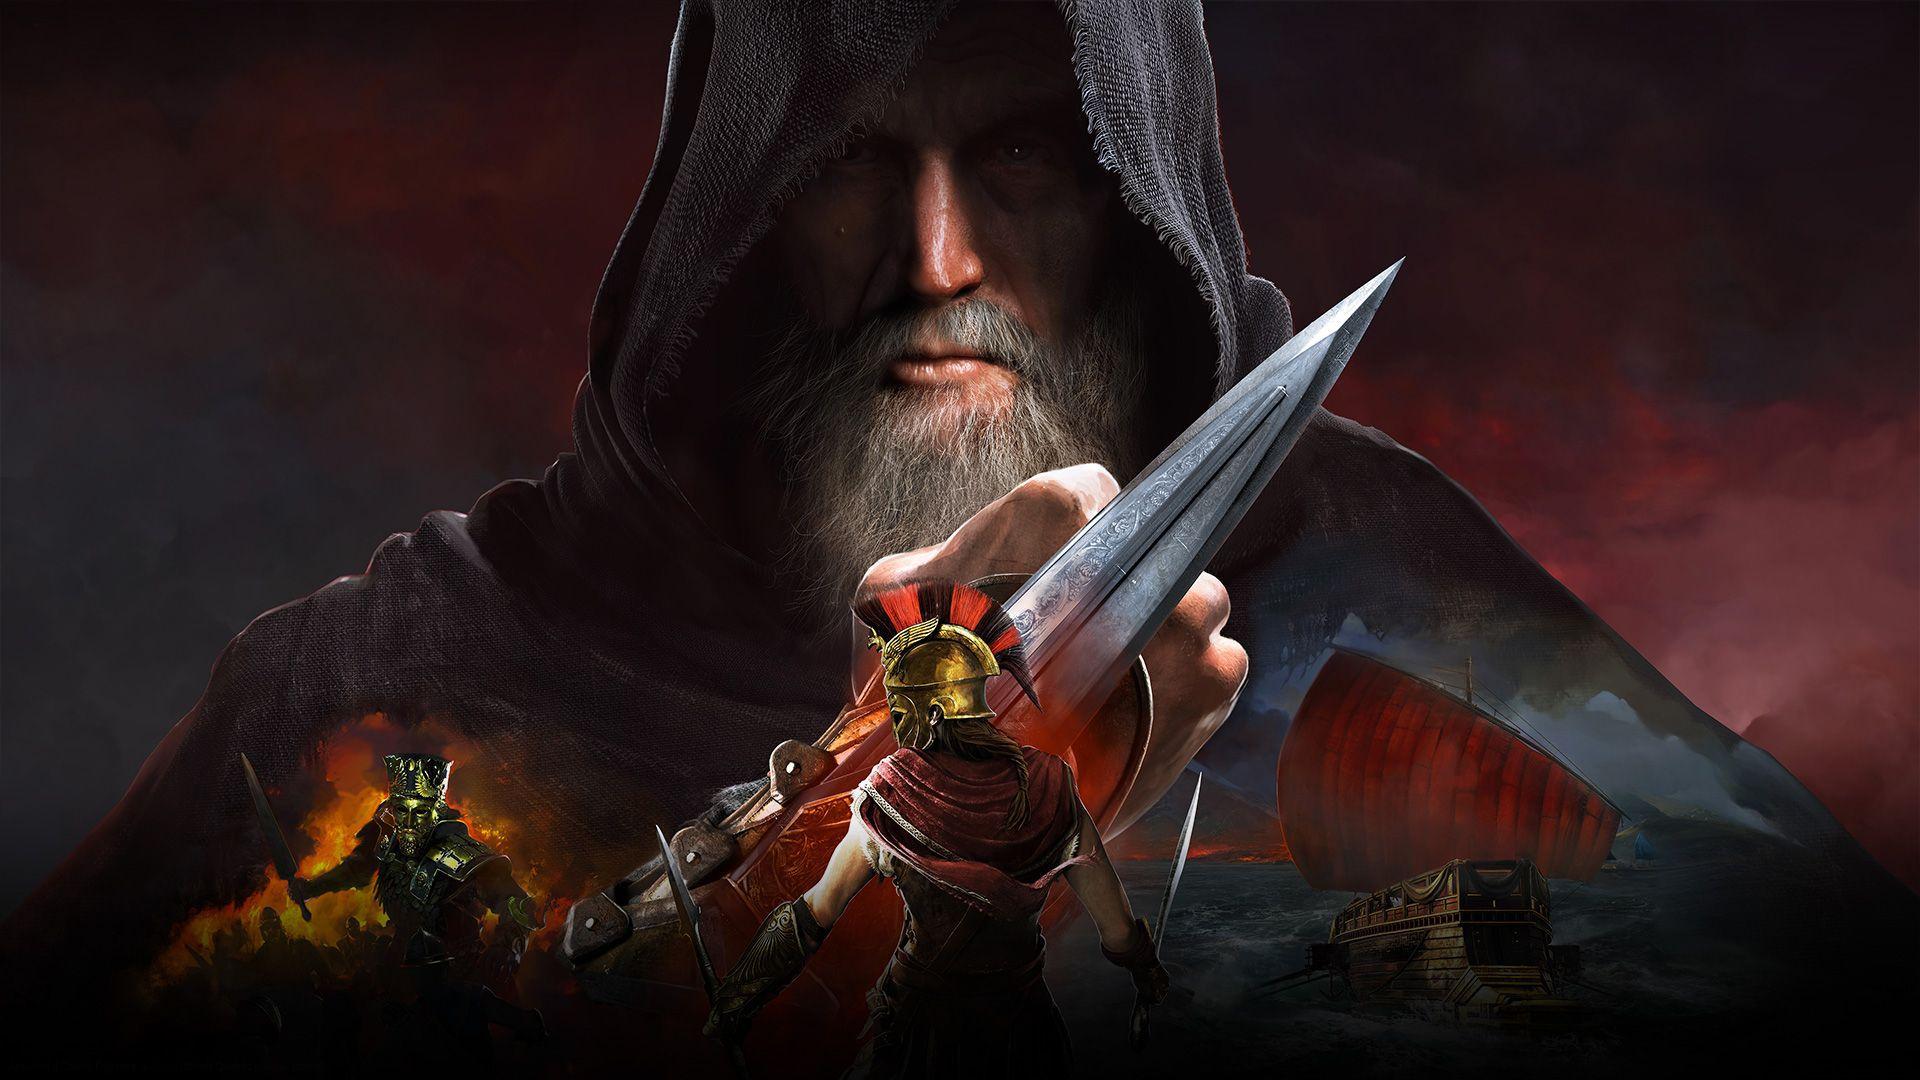 In arrivo L'Eredità della Prima Lama per Assassin's Creed Odyssey